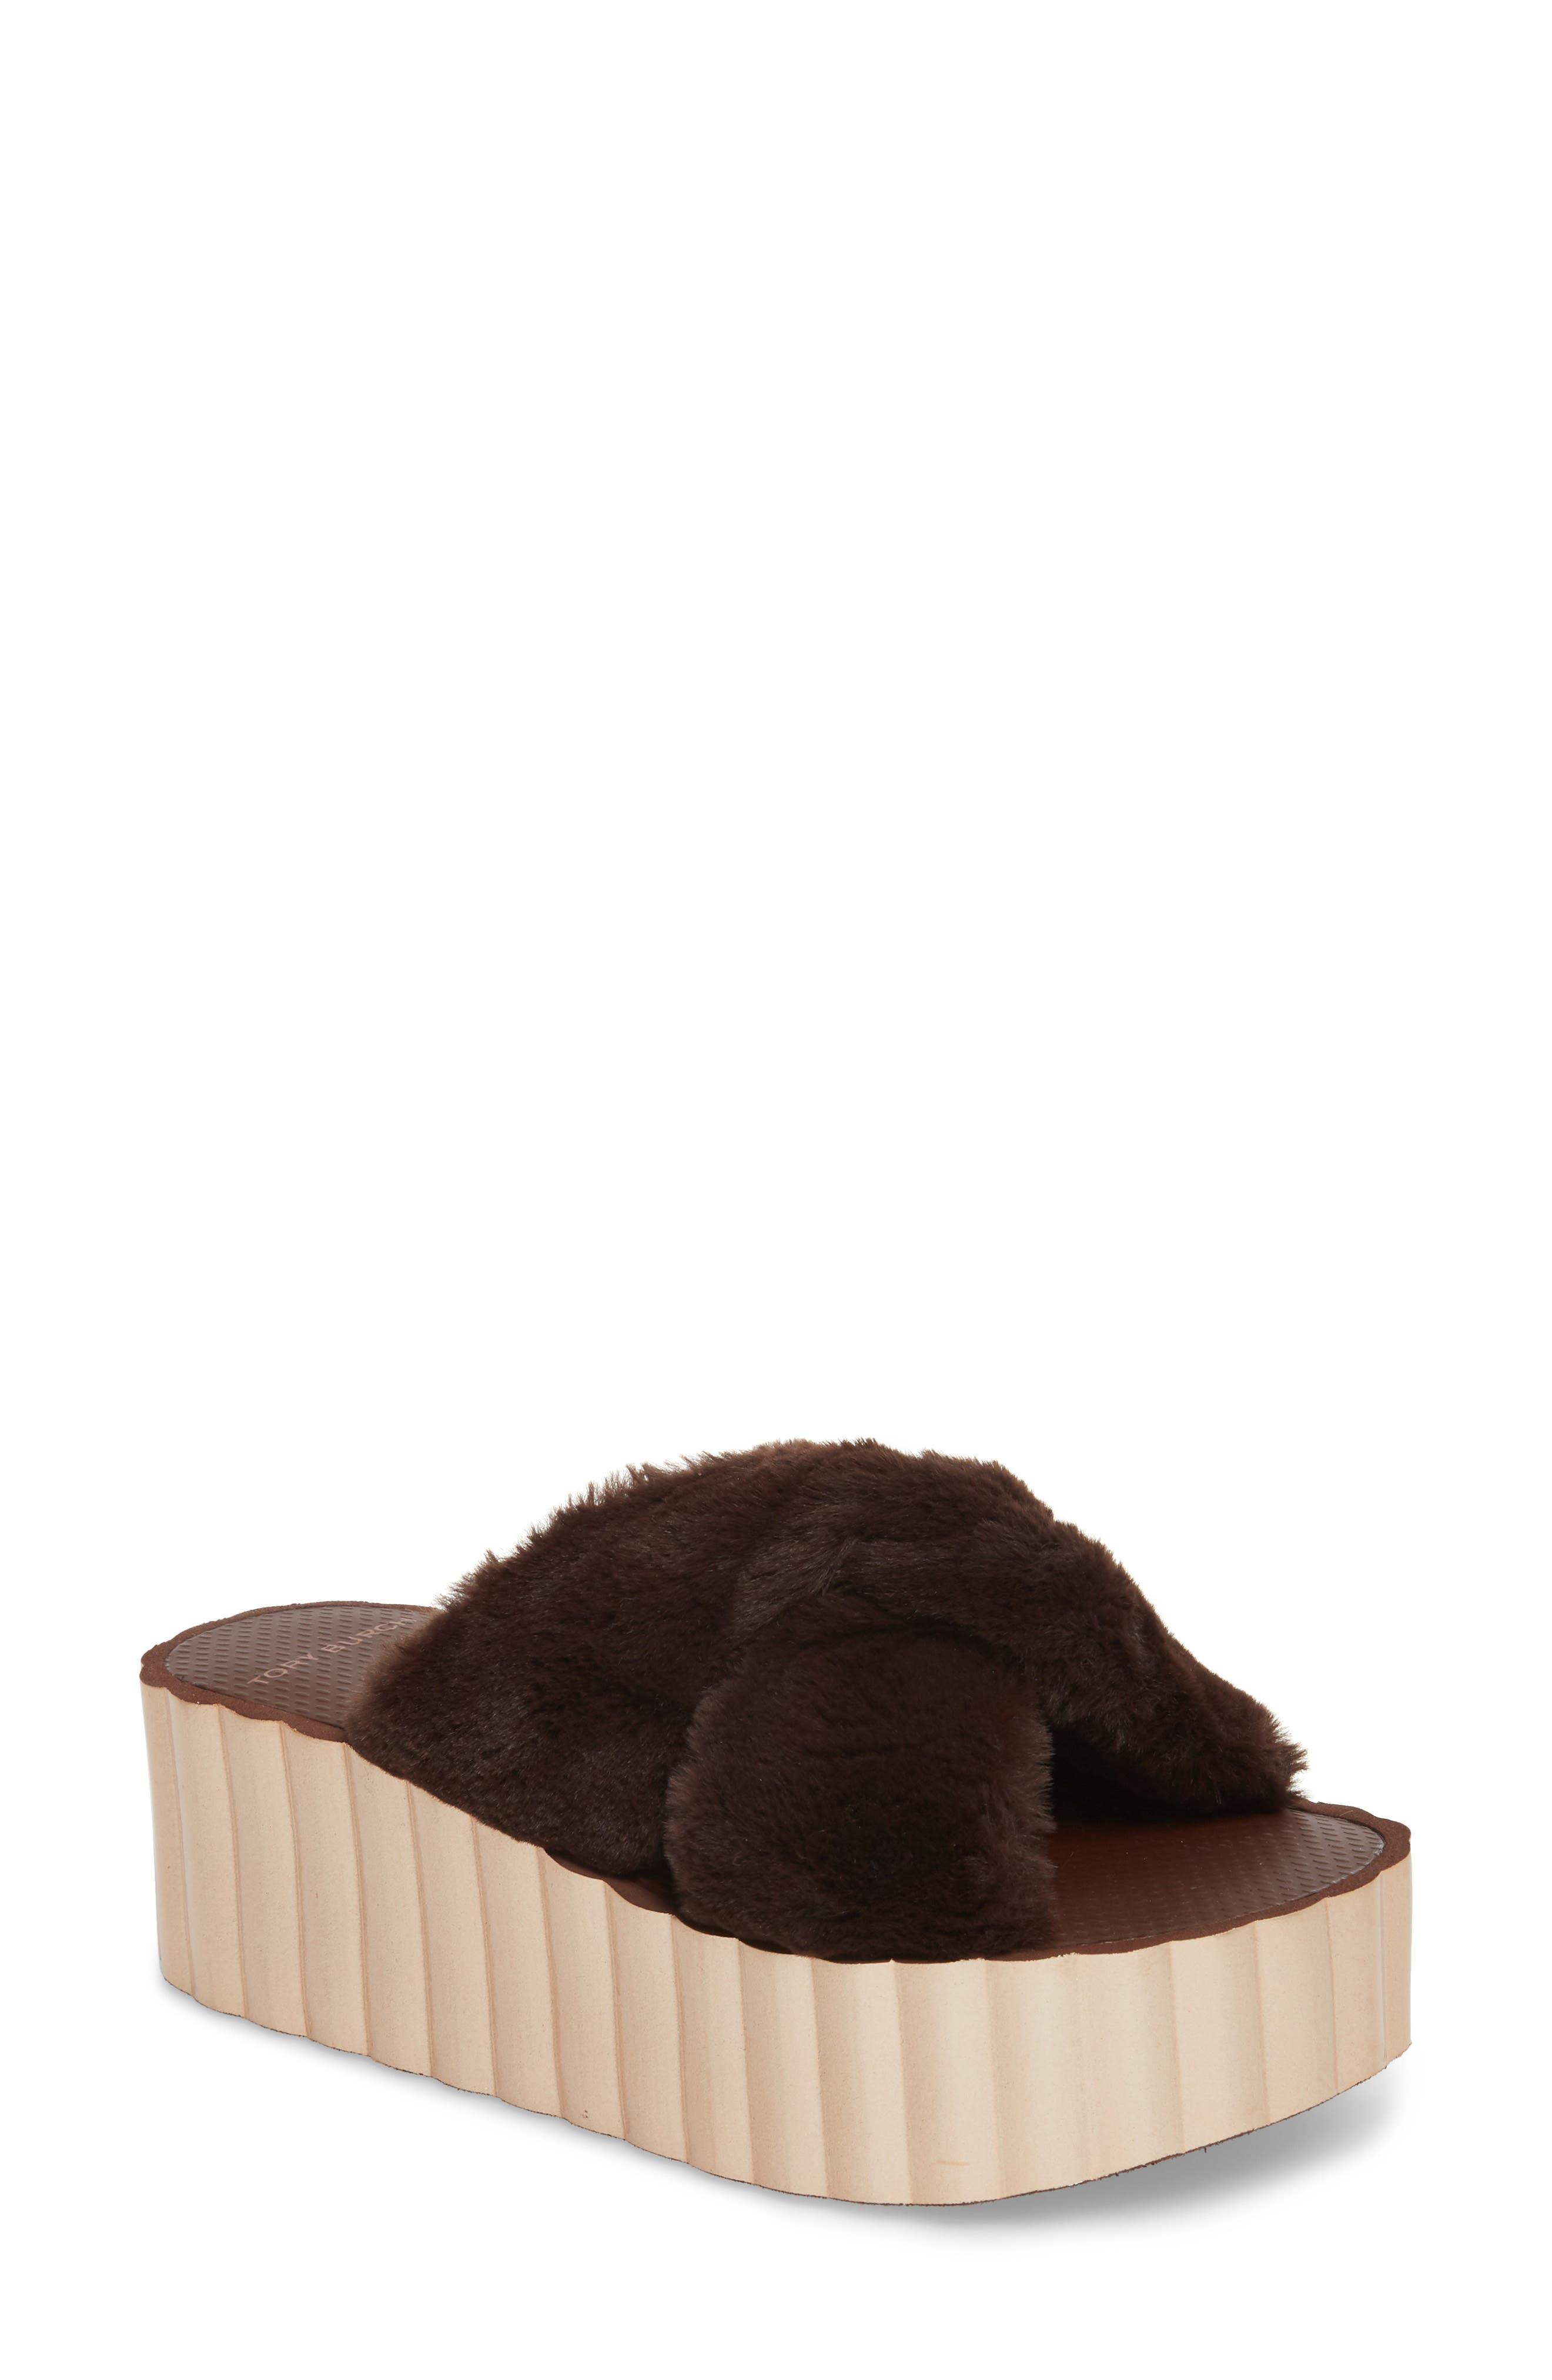 TORY BURCH Faux Fur Scallop Platform Slide Sandal, Main, color, 207